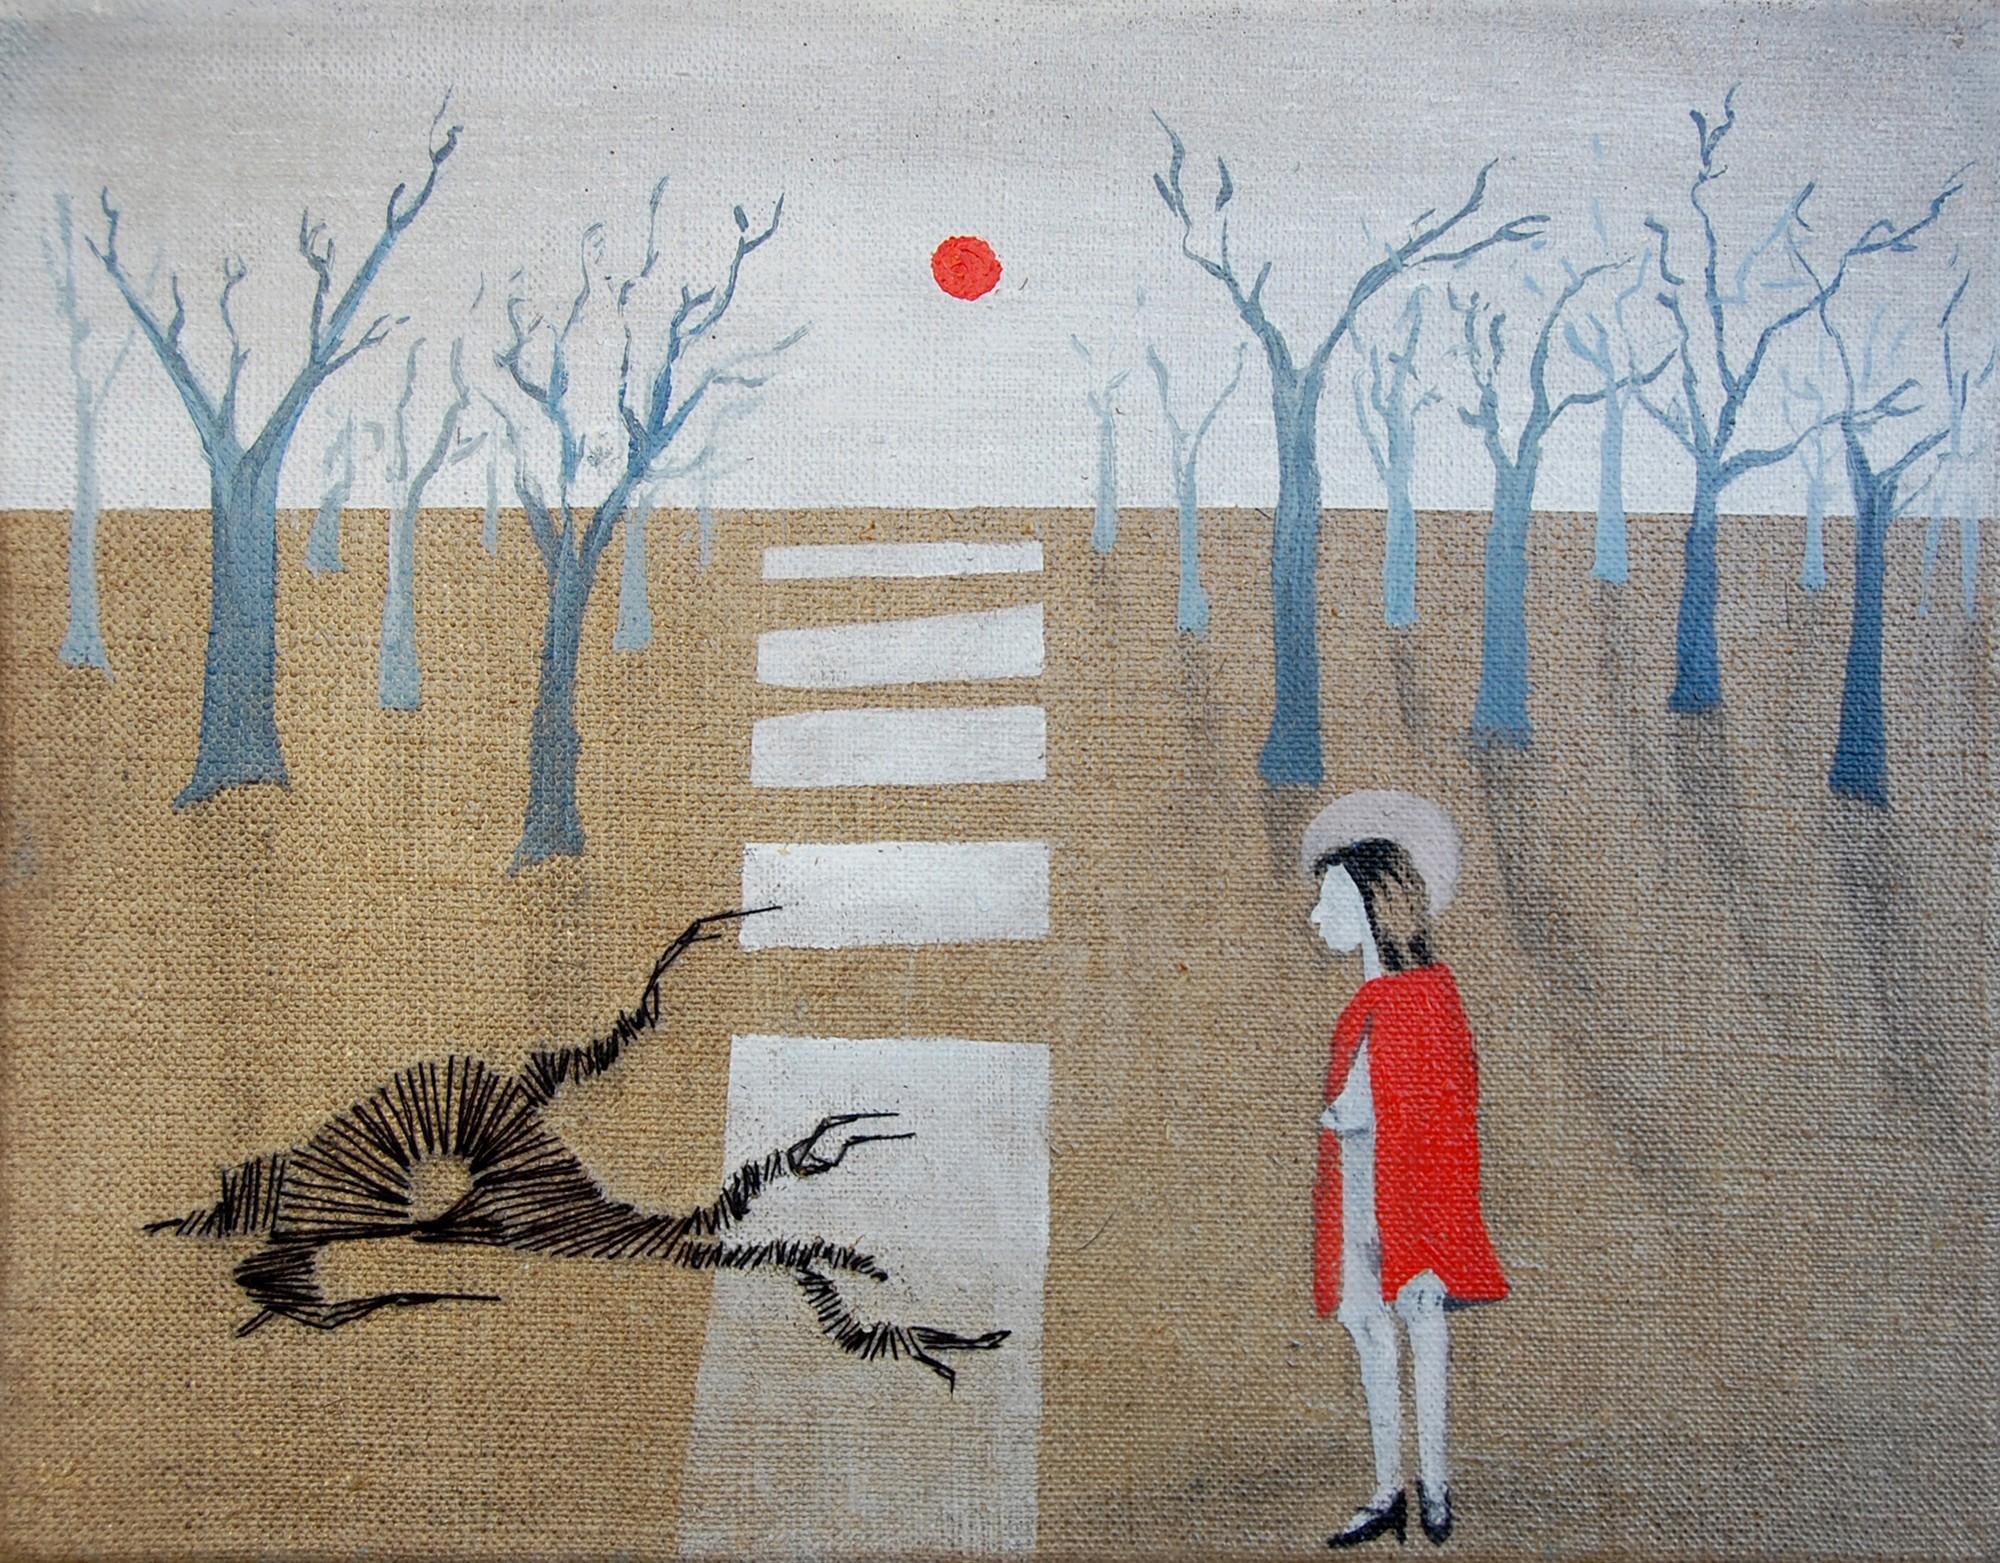 """Monika Mausolf, """"Czerwony Kapturek"""", 2015, olej na płótnie, 30x24, fot. autorka (źródło: materiały prasowe)"""